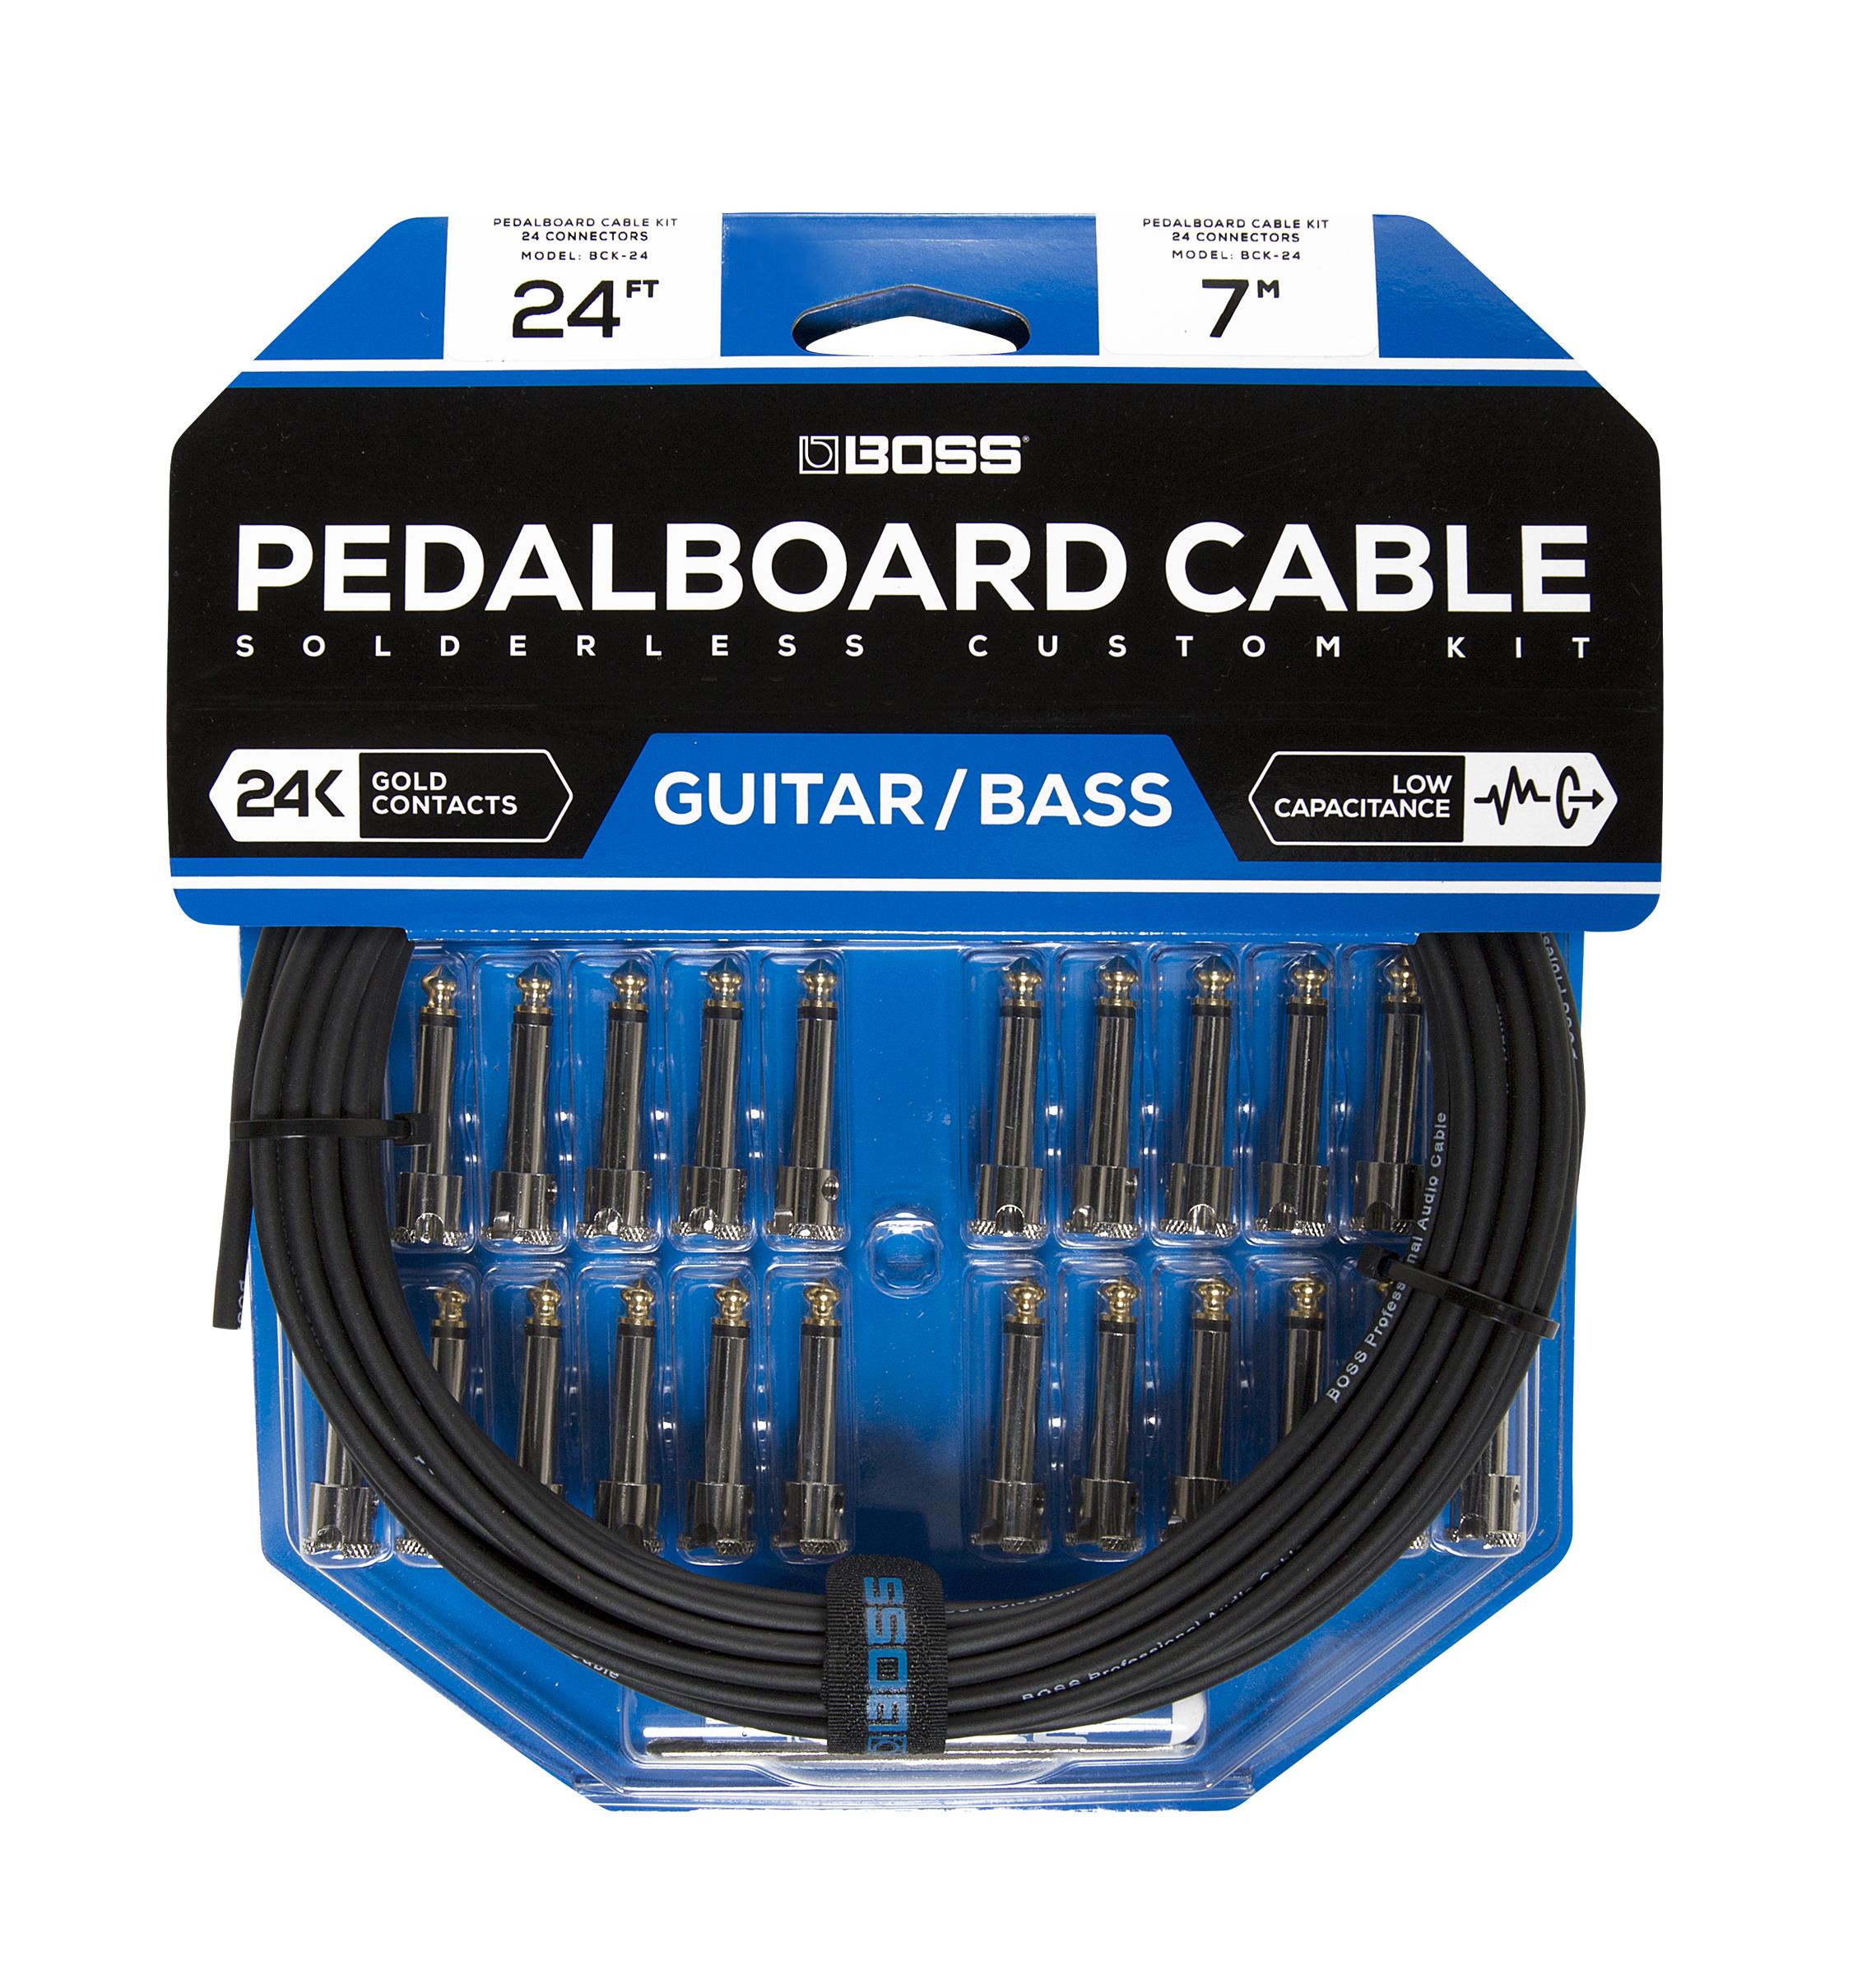 http://clynemedia.com/BOSS/SNAMM17/Solderless_Cable_Kit/BOSS_24ft_PedalBoard_CableKit.jpg